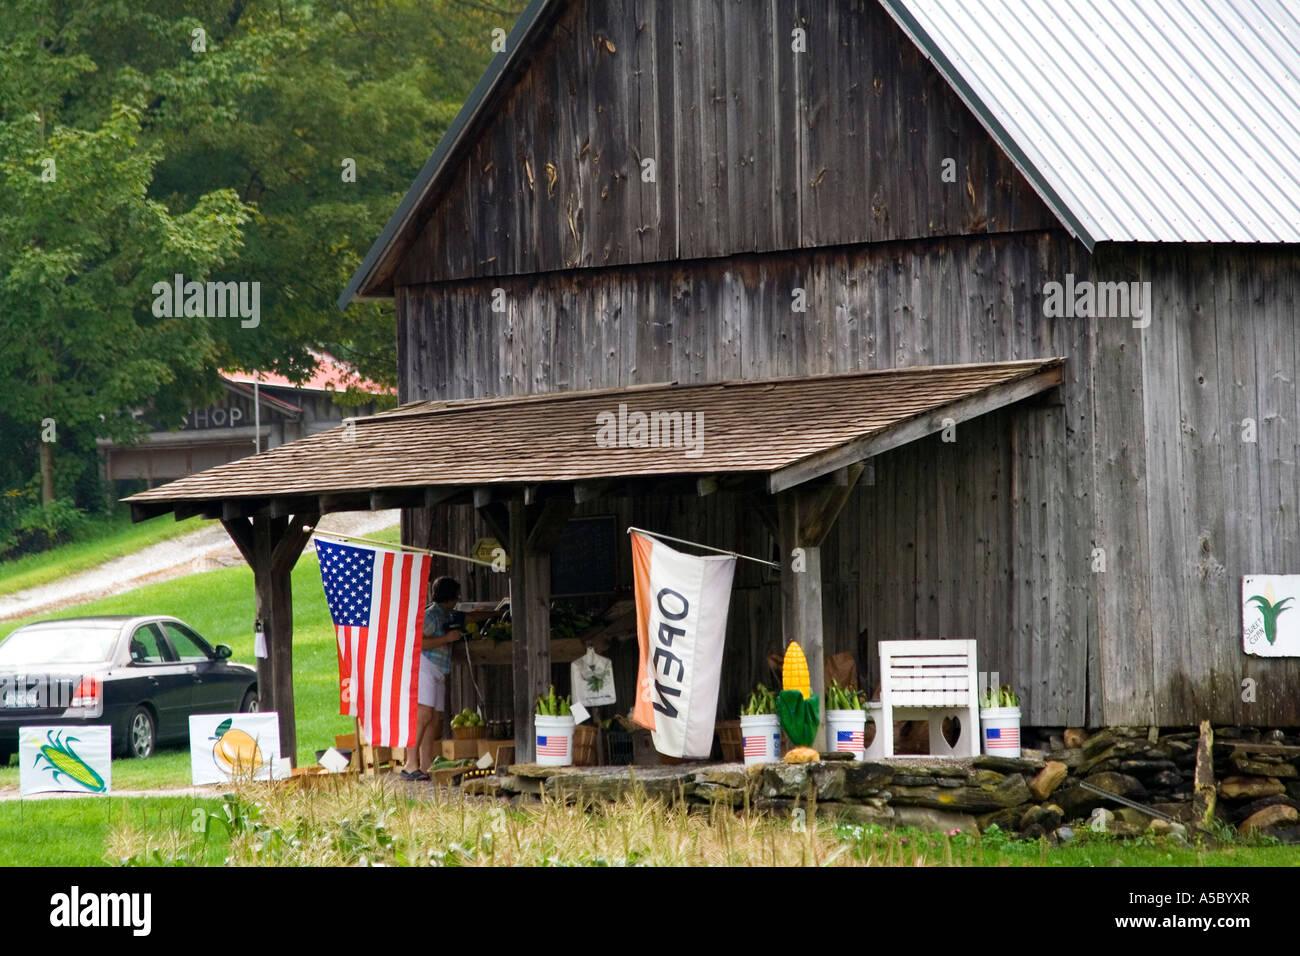 Country Store Marché fermier en bordure de la Nouvelle Angleterre rurale est des États-Unis Banque D'Images